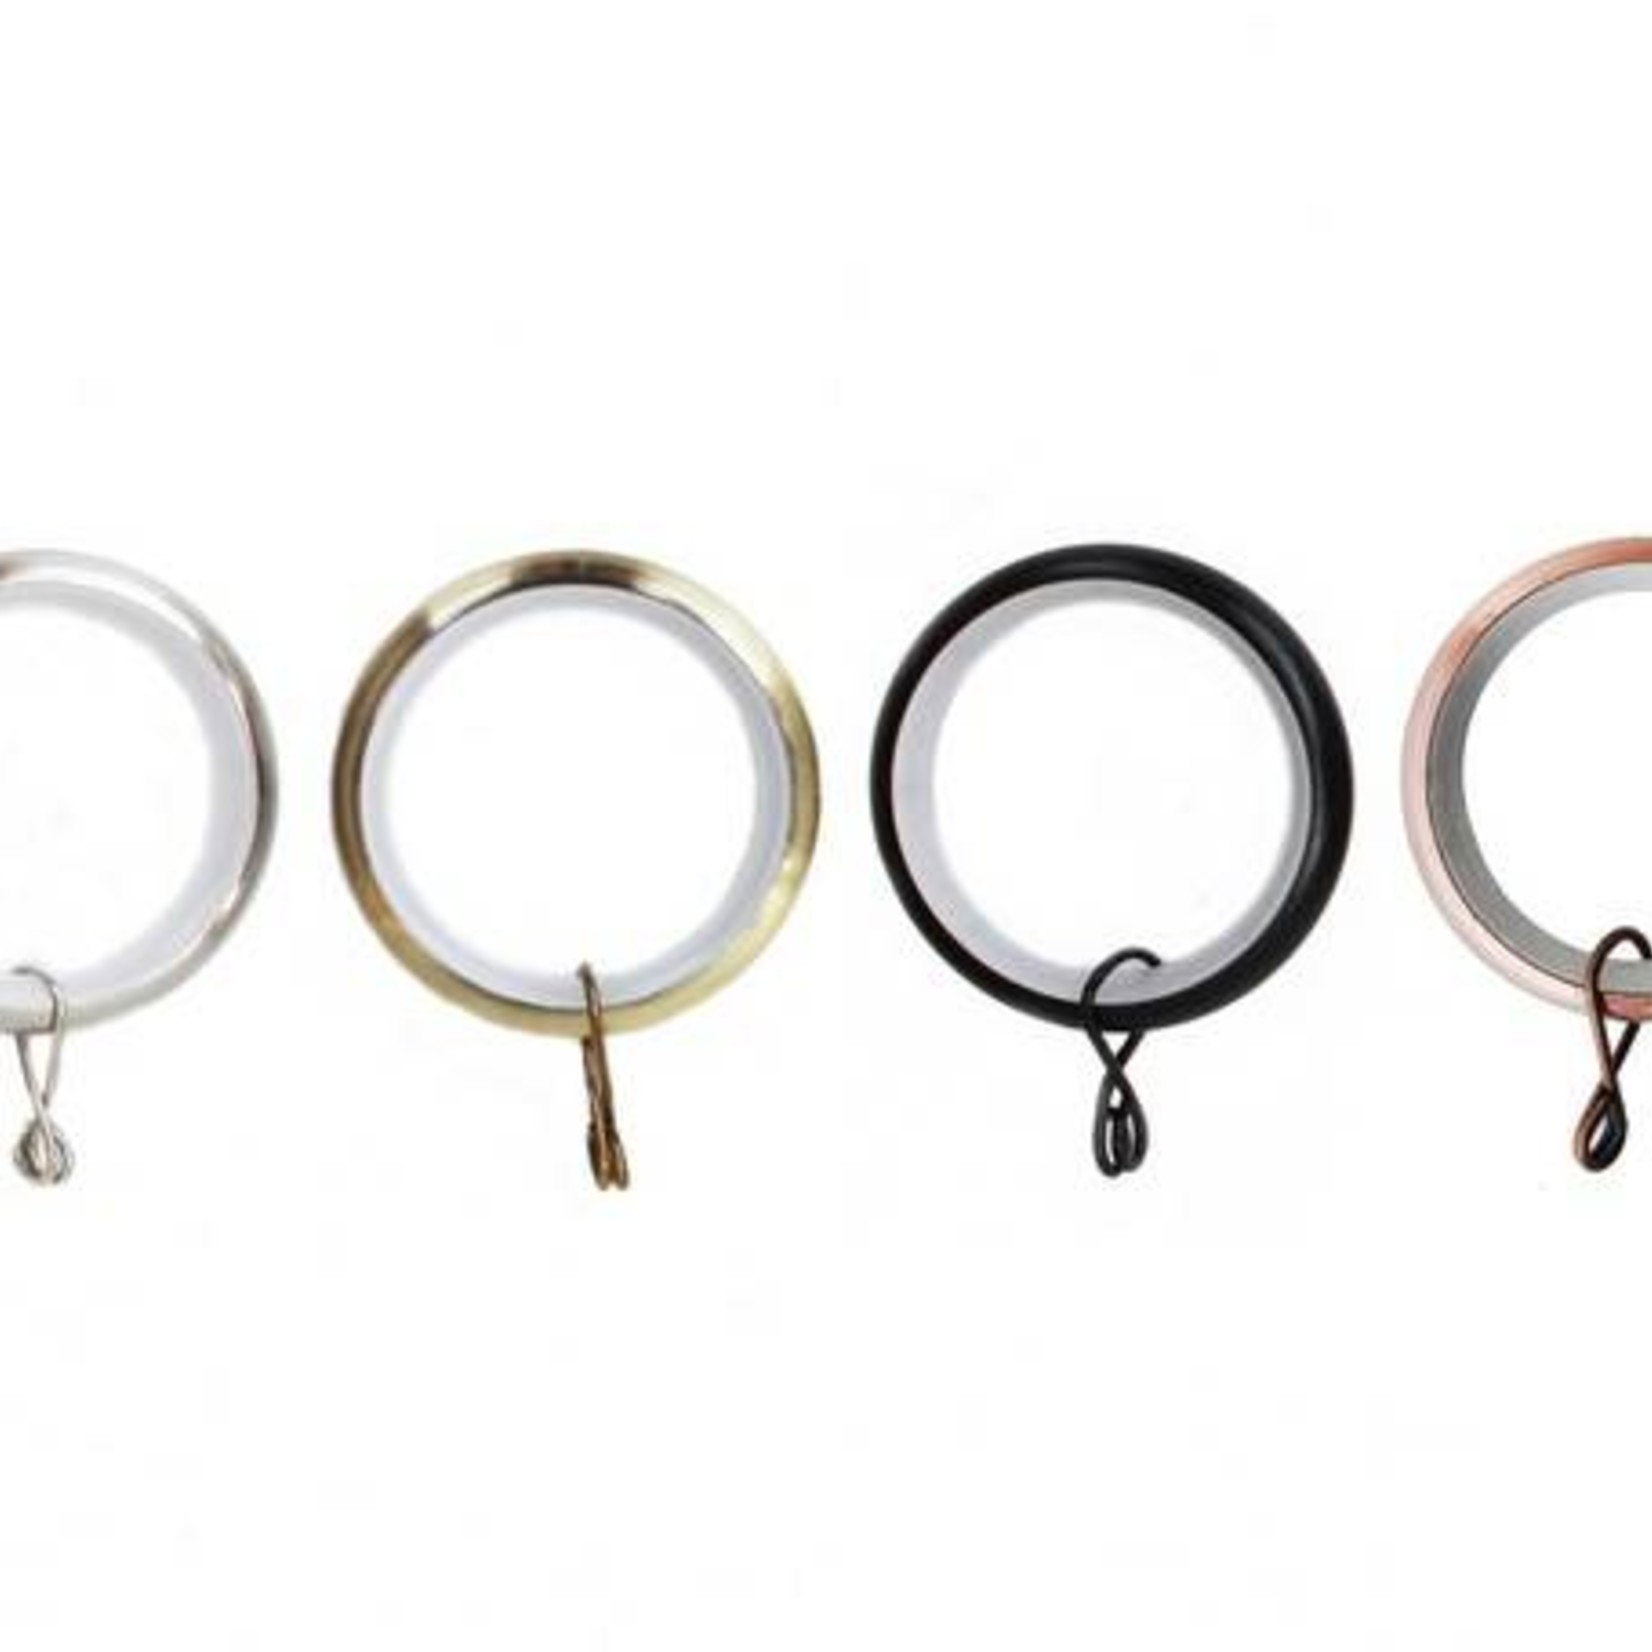 """Trendy Blinds Mayflower: 1-1/2"""" Rings w/ plastic insert and eyelet bag of 20"""